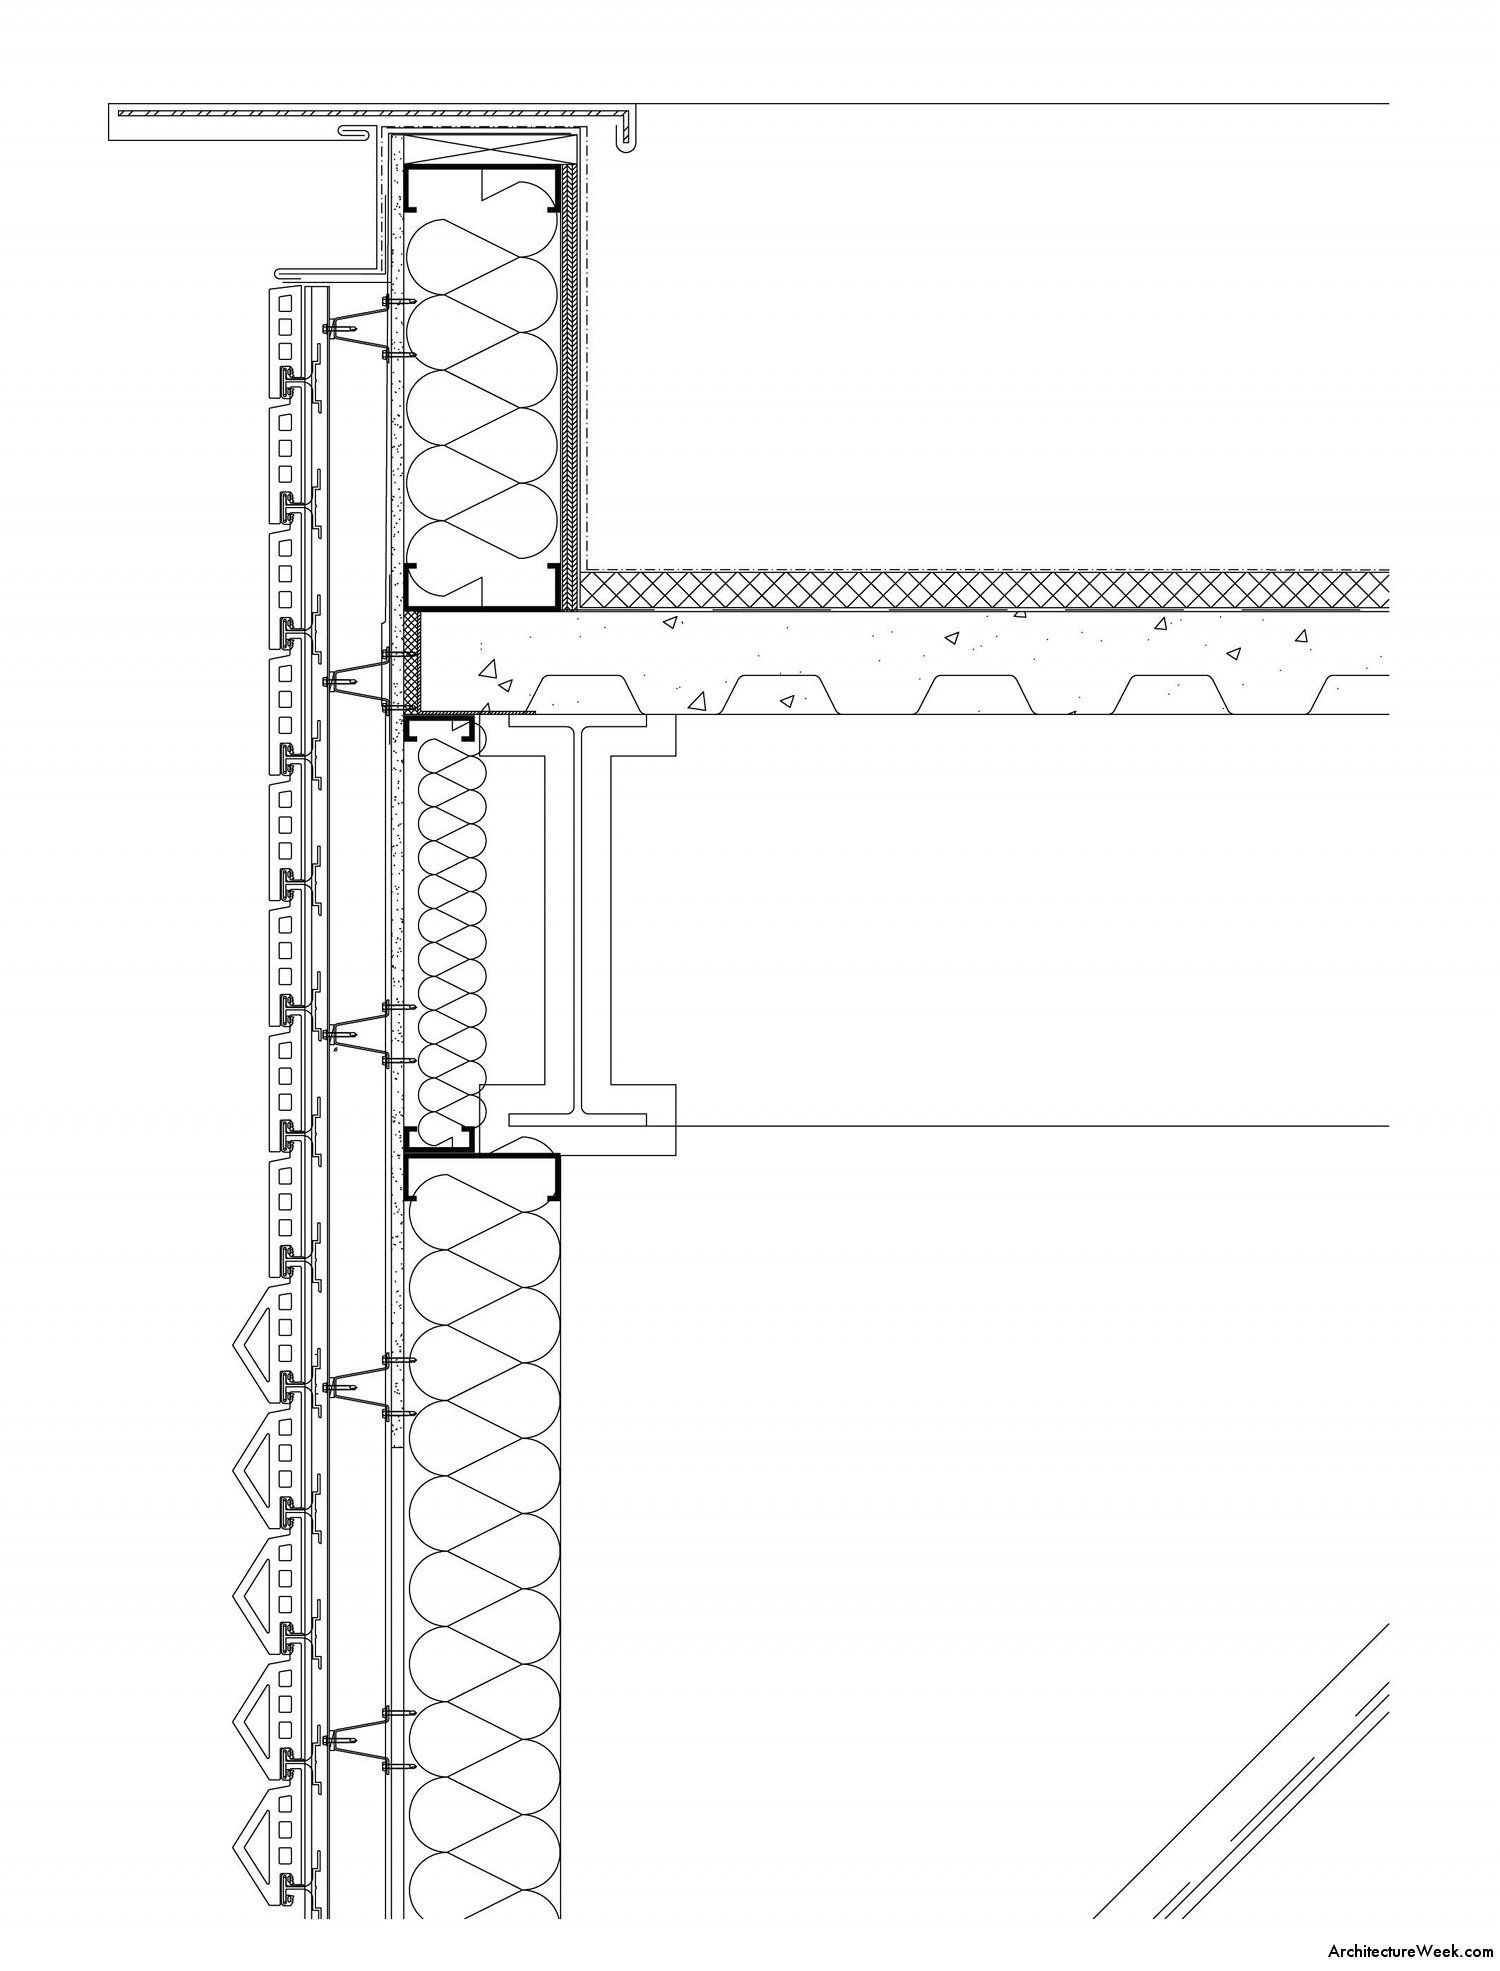 Bechtler Museum Of Modern Art Detail Wall Section Drawing